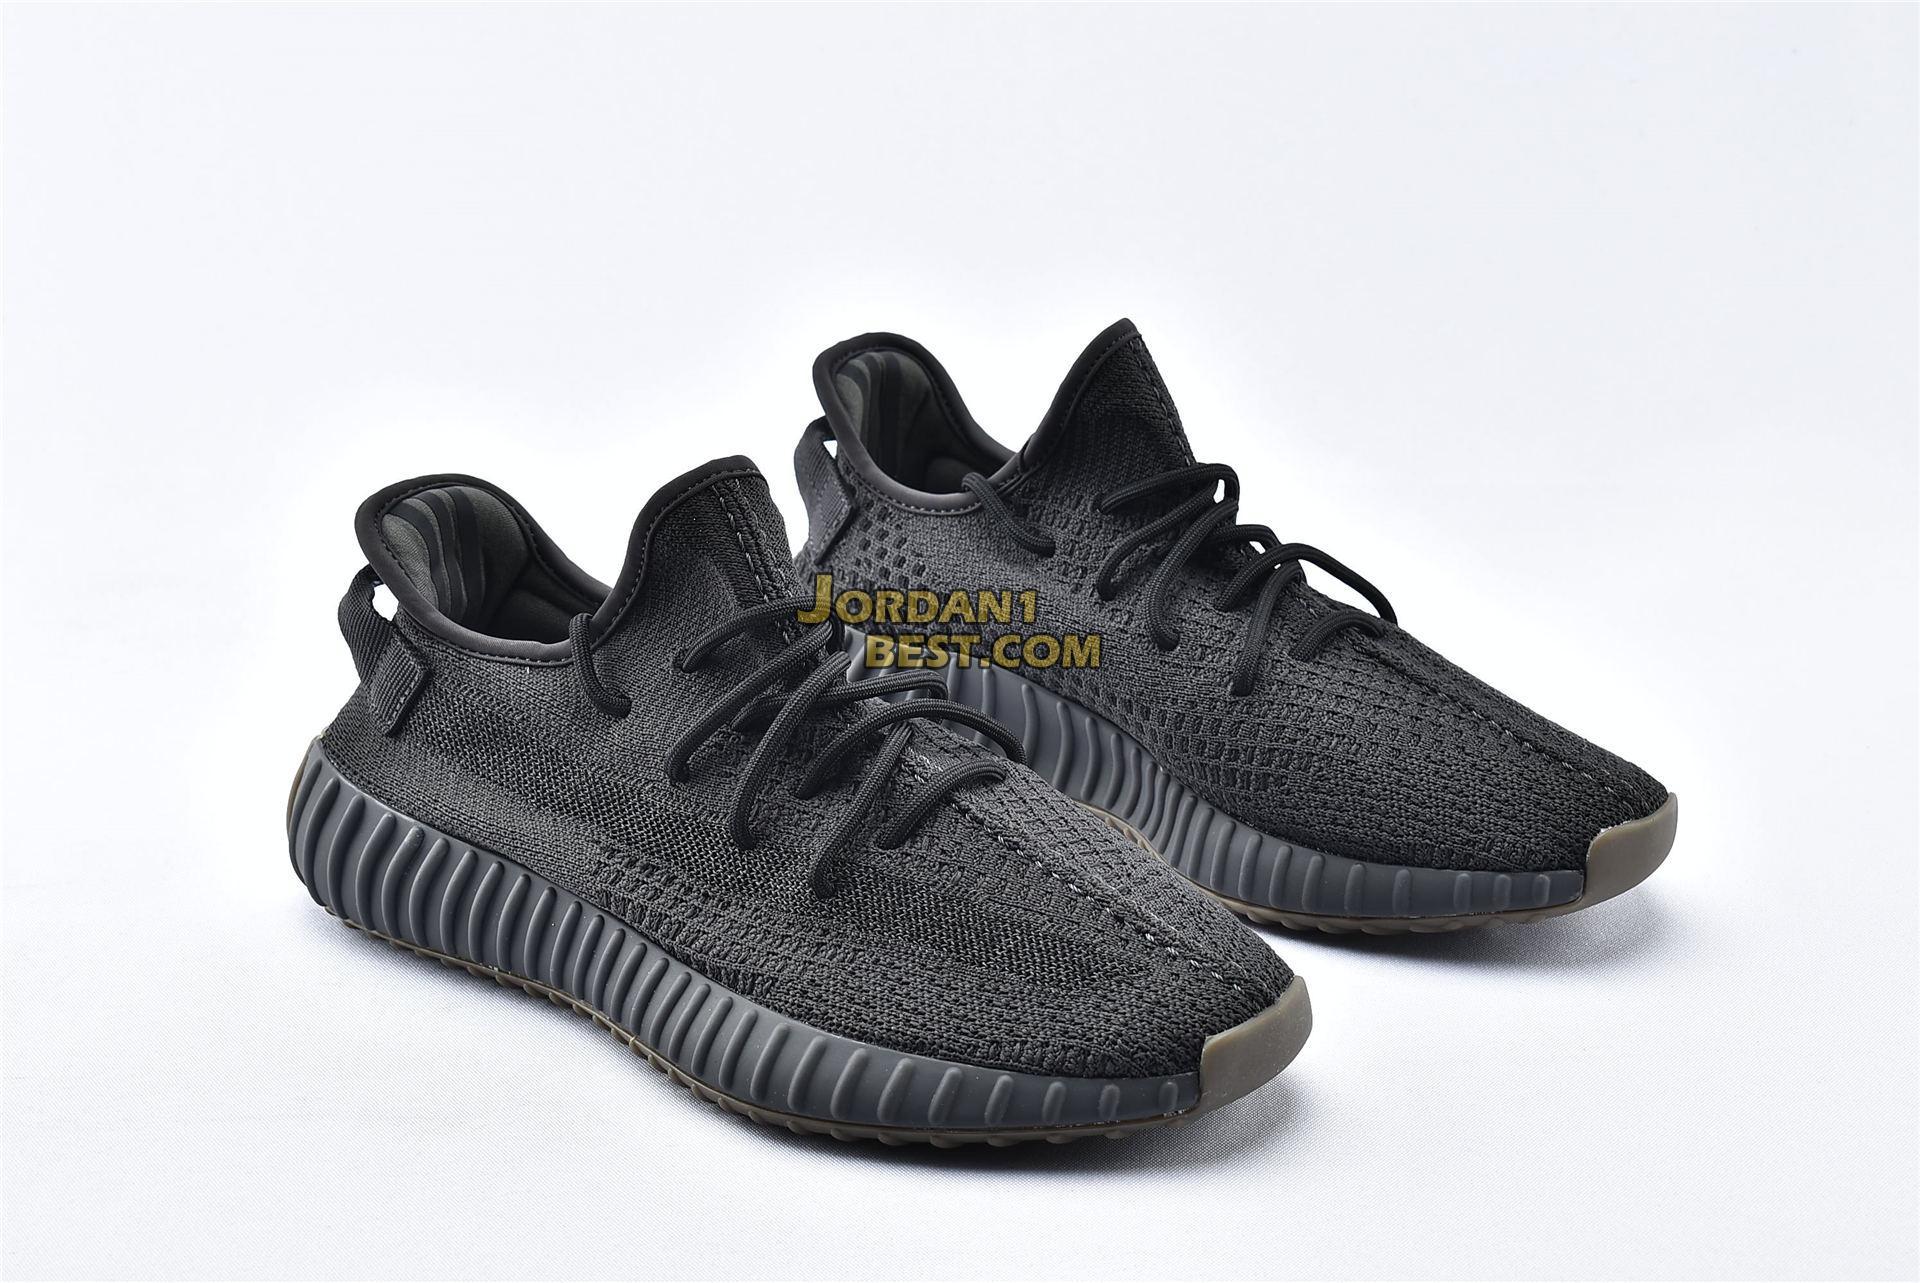 """Adidas Yeezy Boost 350 V2 """"Cinder"""" FY4176"""